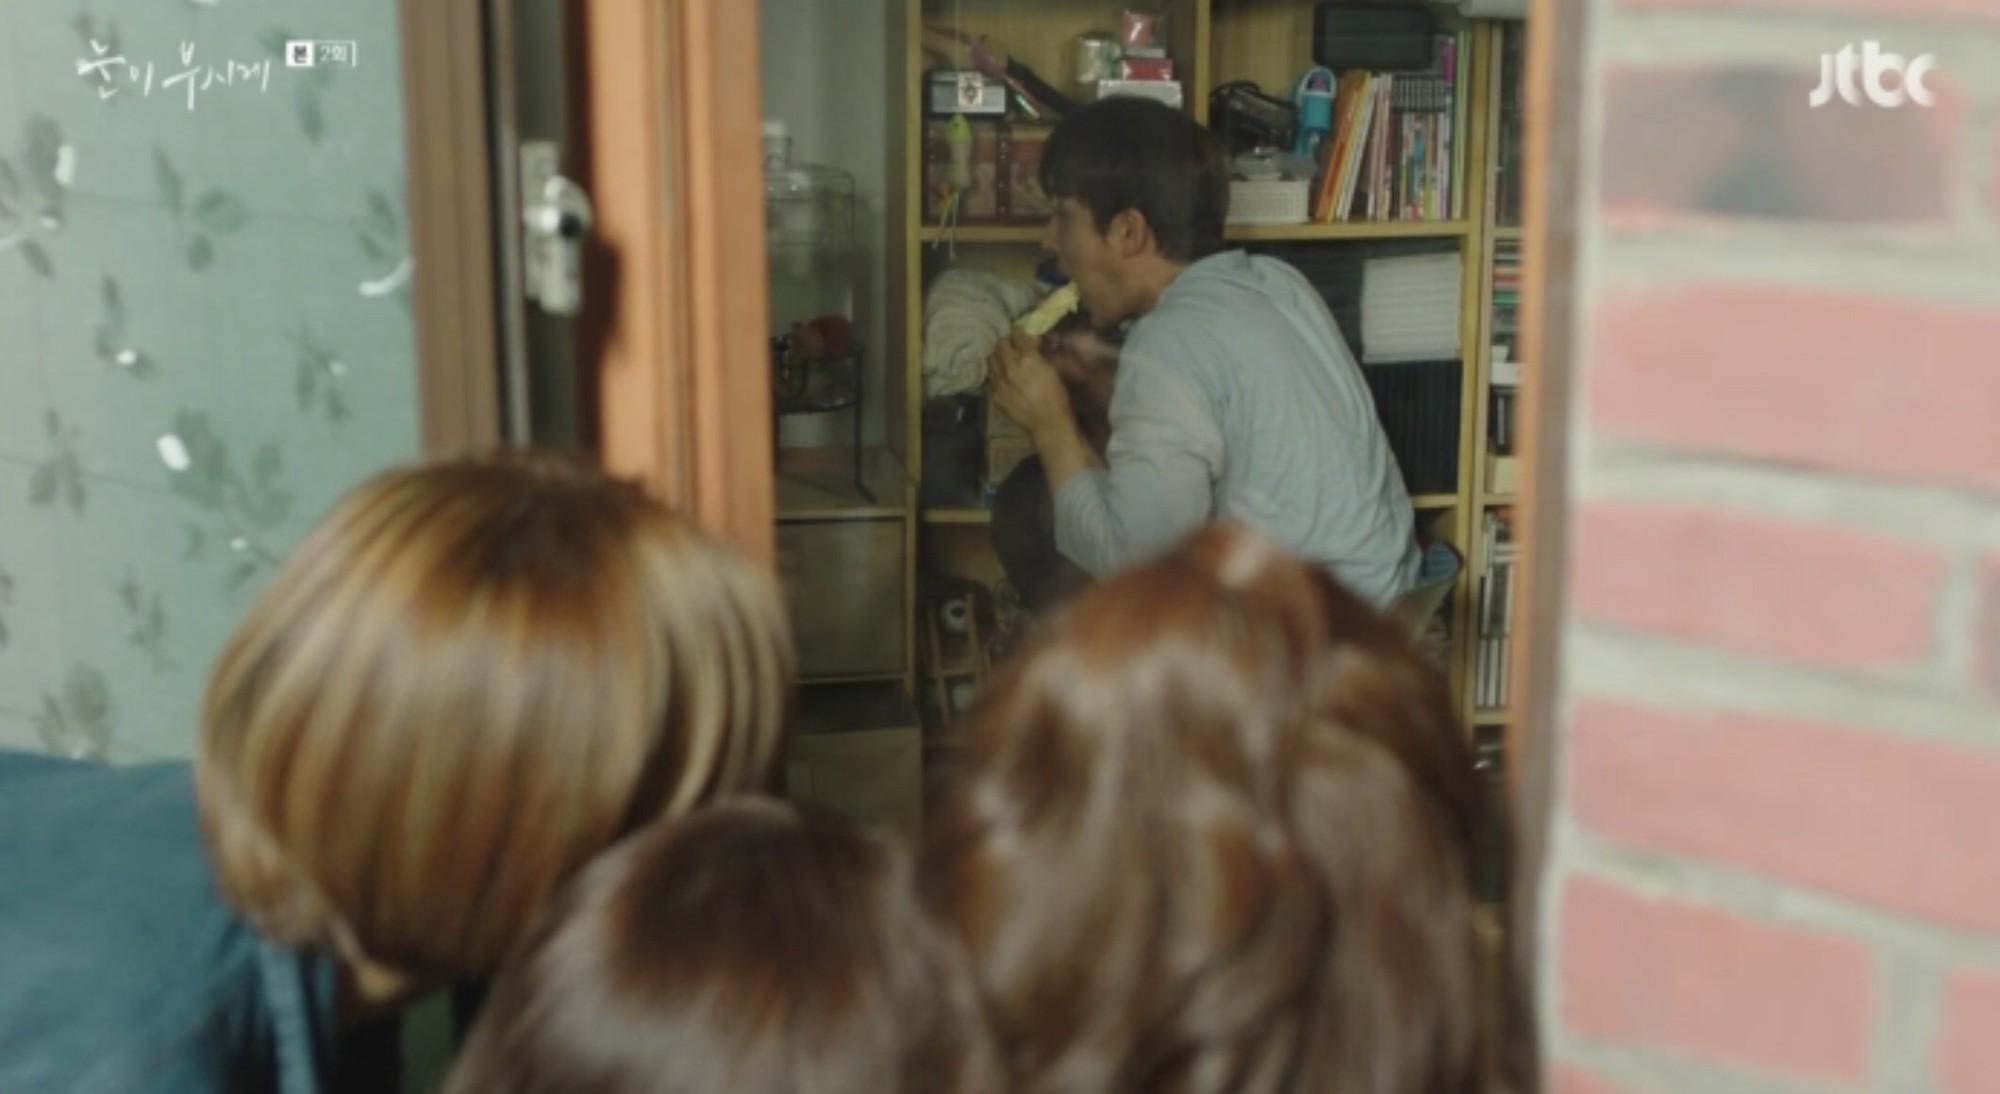 Lầy mà dễ thương như Han Ji Min trong Dazzling thì có đáng yêu không? - Ảnh 9.